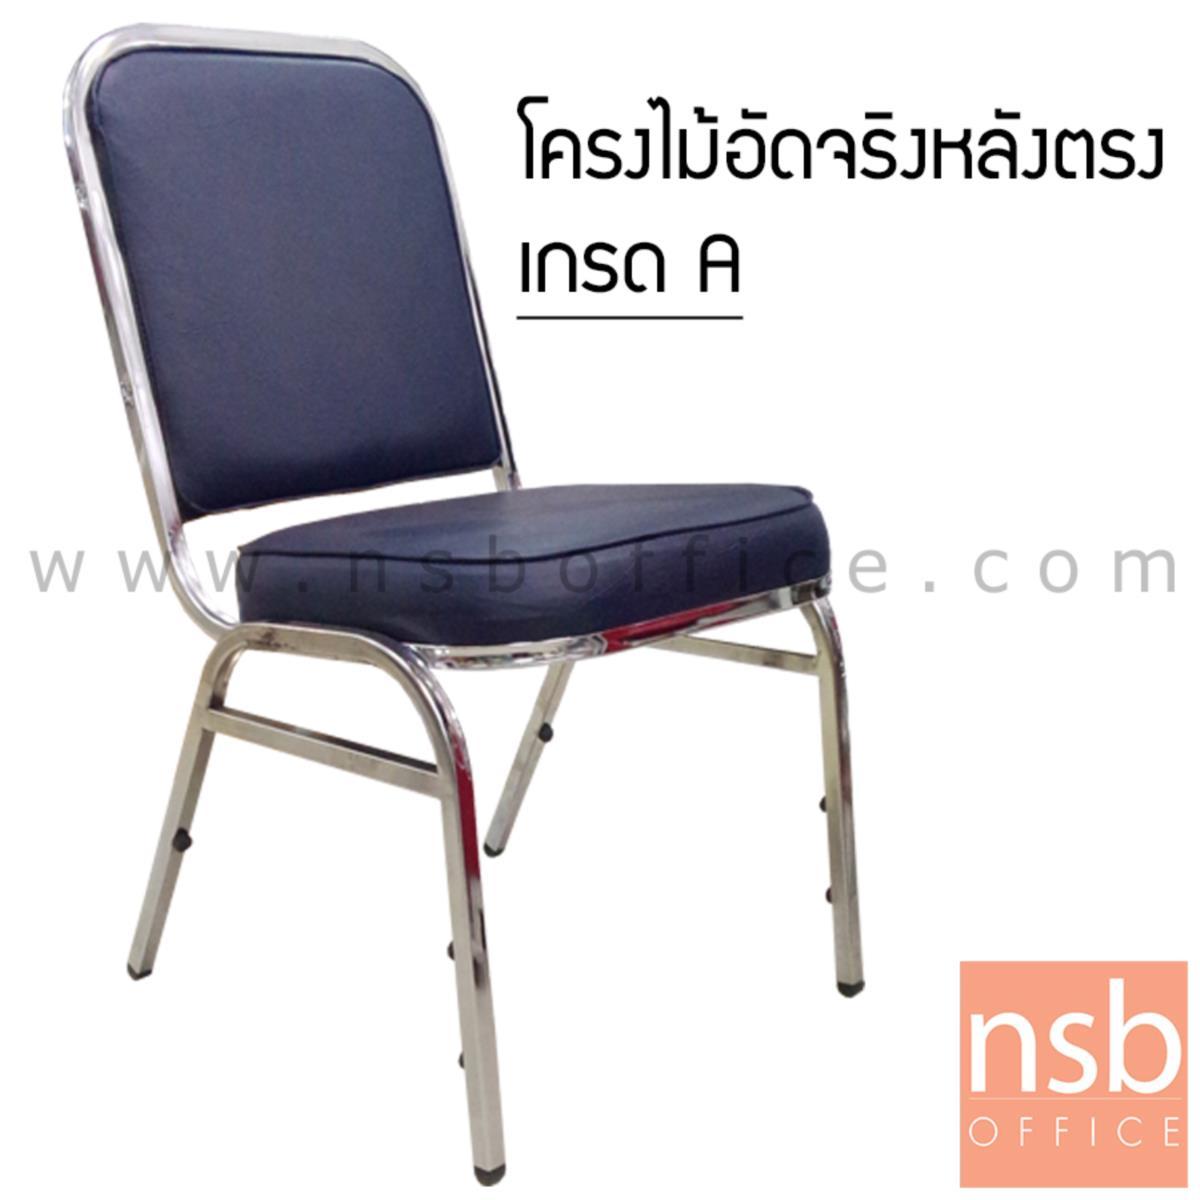 B05A130:เก้าอี้อเนกประสงค์จัดเลี้ยง  ขนาด 88H cm. ขาเหล็ก